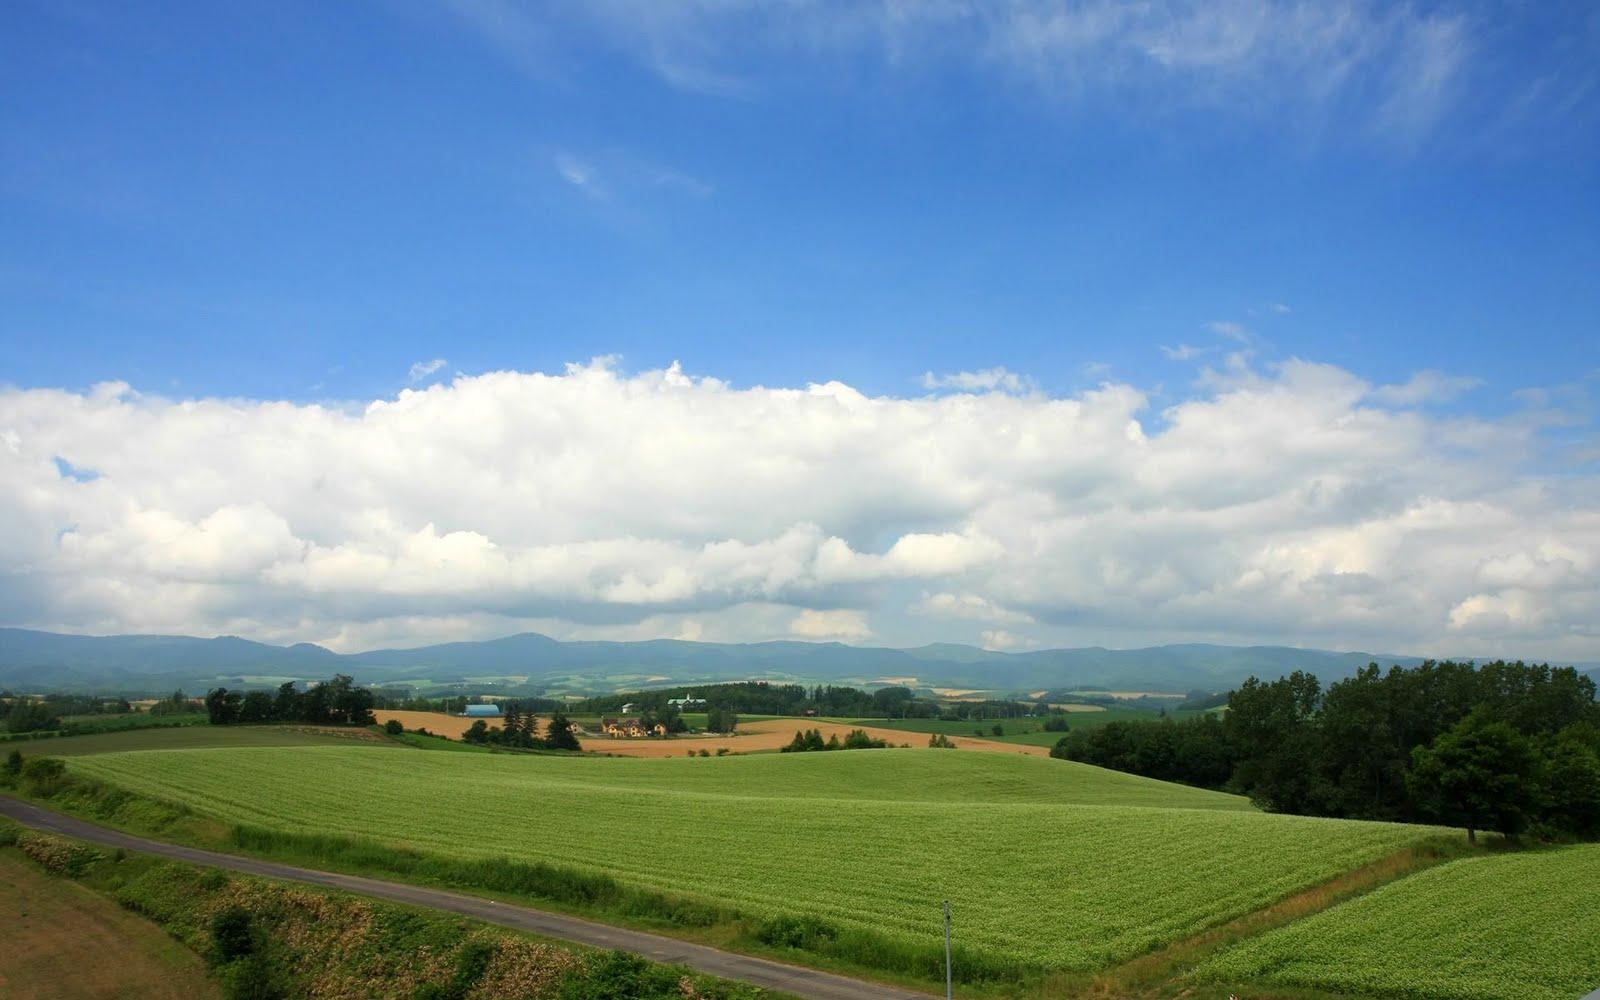 japan hokkaido landscape image - photo #4